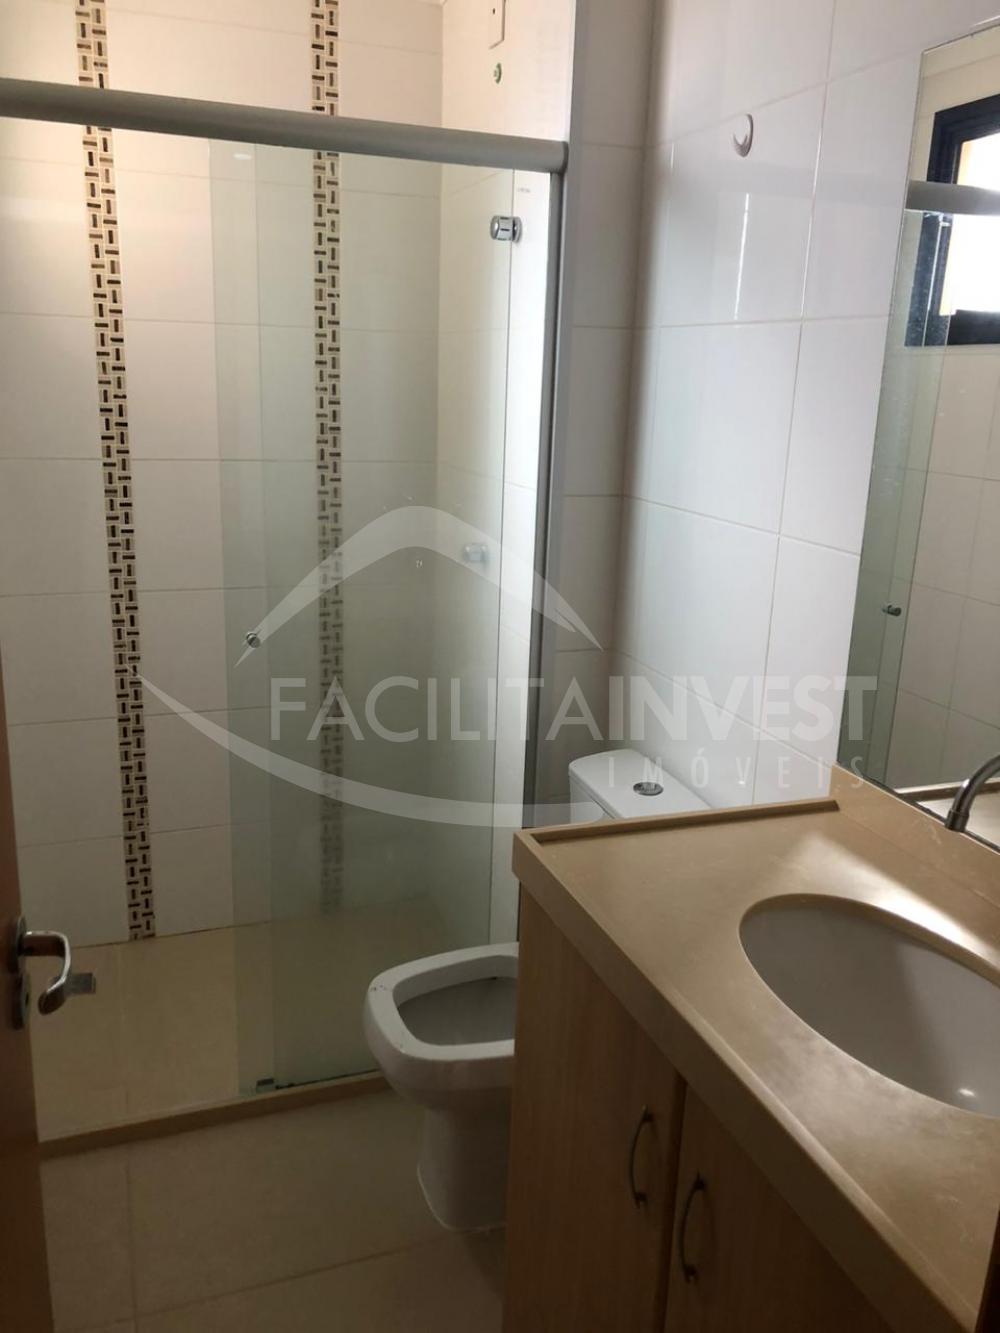 Alugar Apartamentos / Apart. Padrão em Ribeirão Preto apenas R$ 1.750,00 - Foto 18